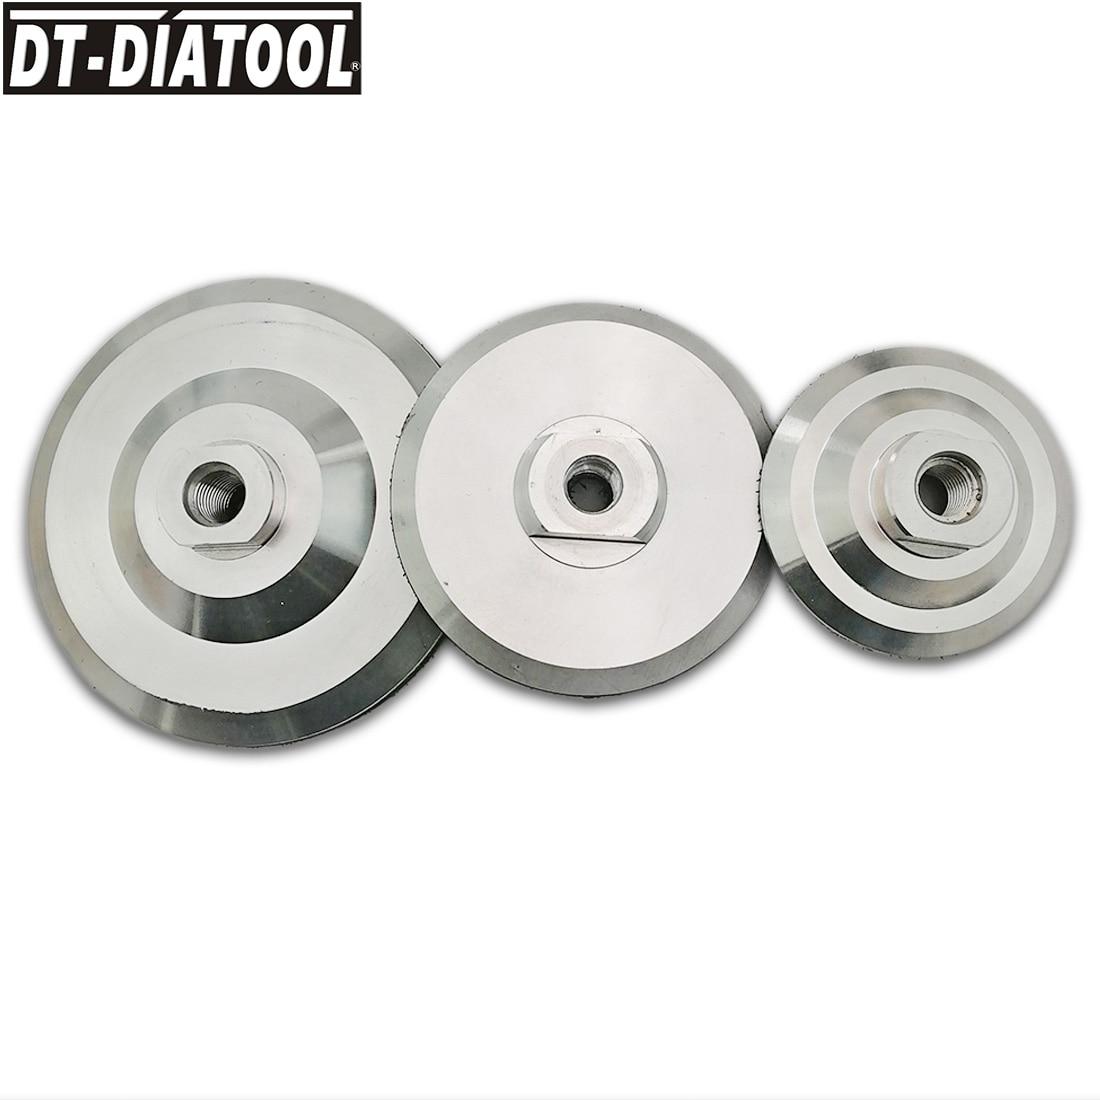 """DT-DIATOOL 1 Pza M14 o 5/8 rosca 3 """"/4""""/5 """"Al base almohadilla trasera para pulir diamante almohadillas lijado y discos de molienda soporte de respaldo"""